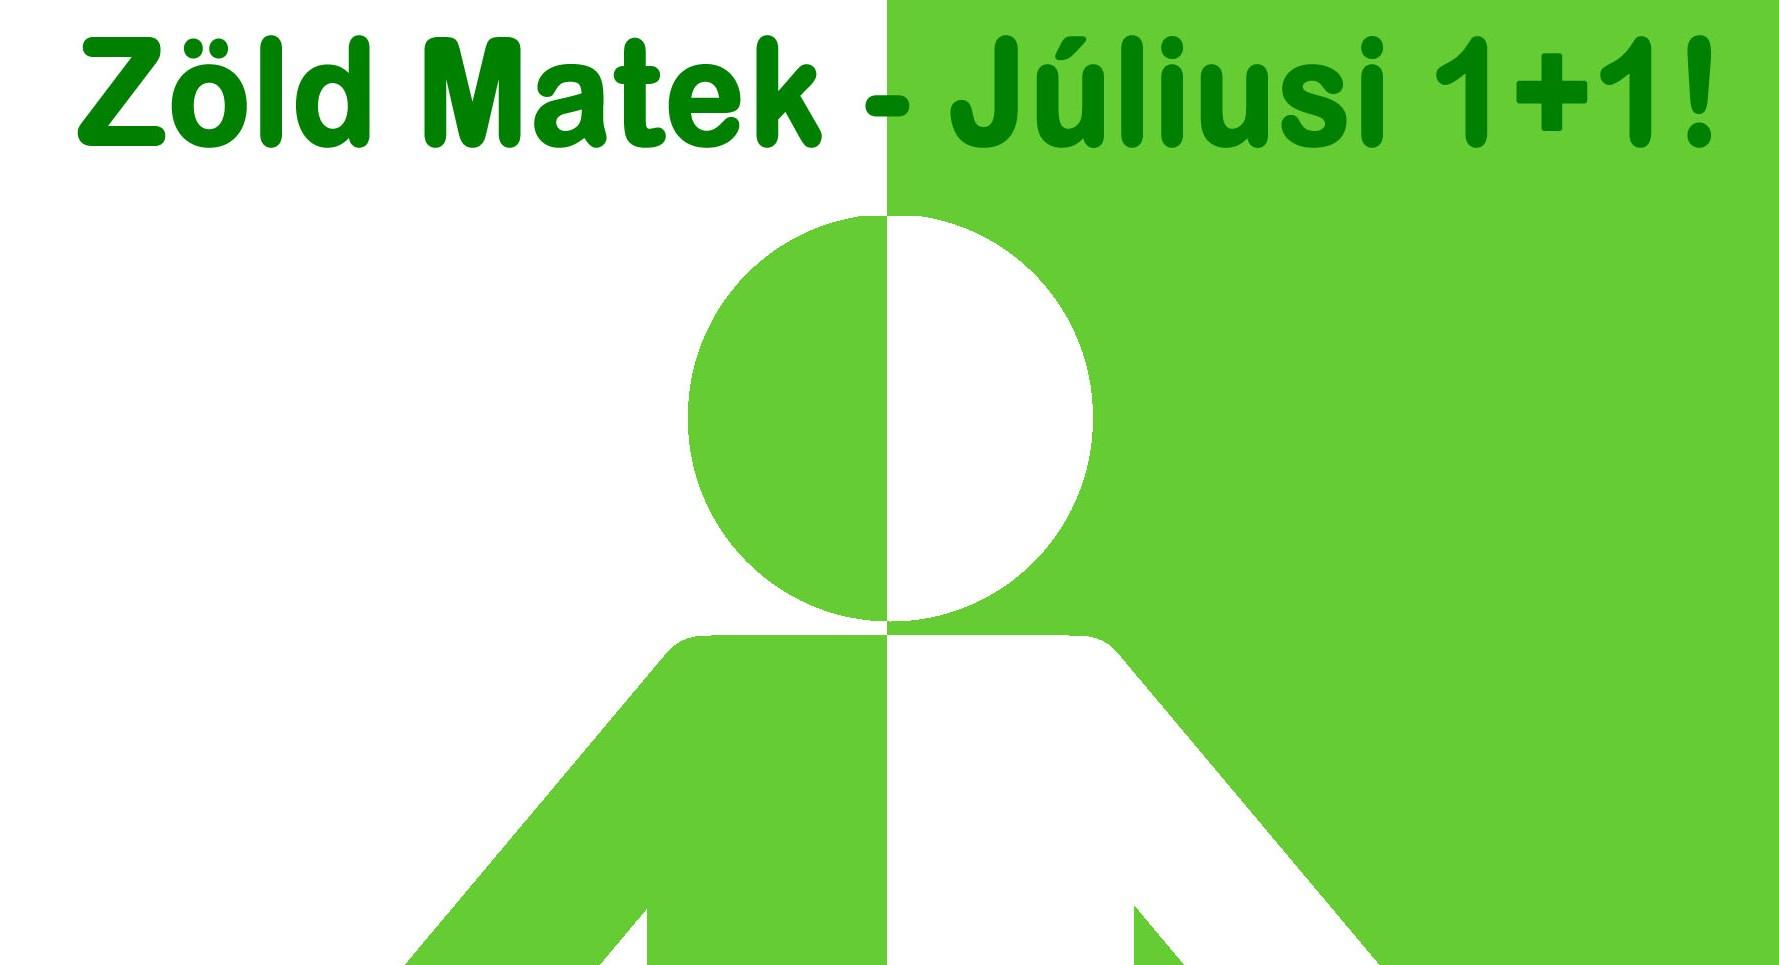 Júliusi 1+1